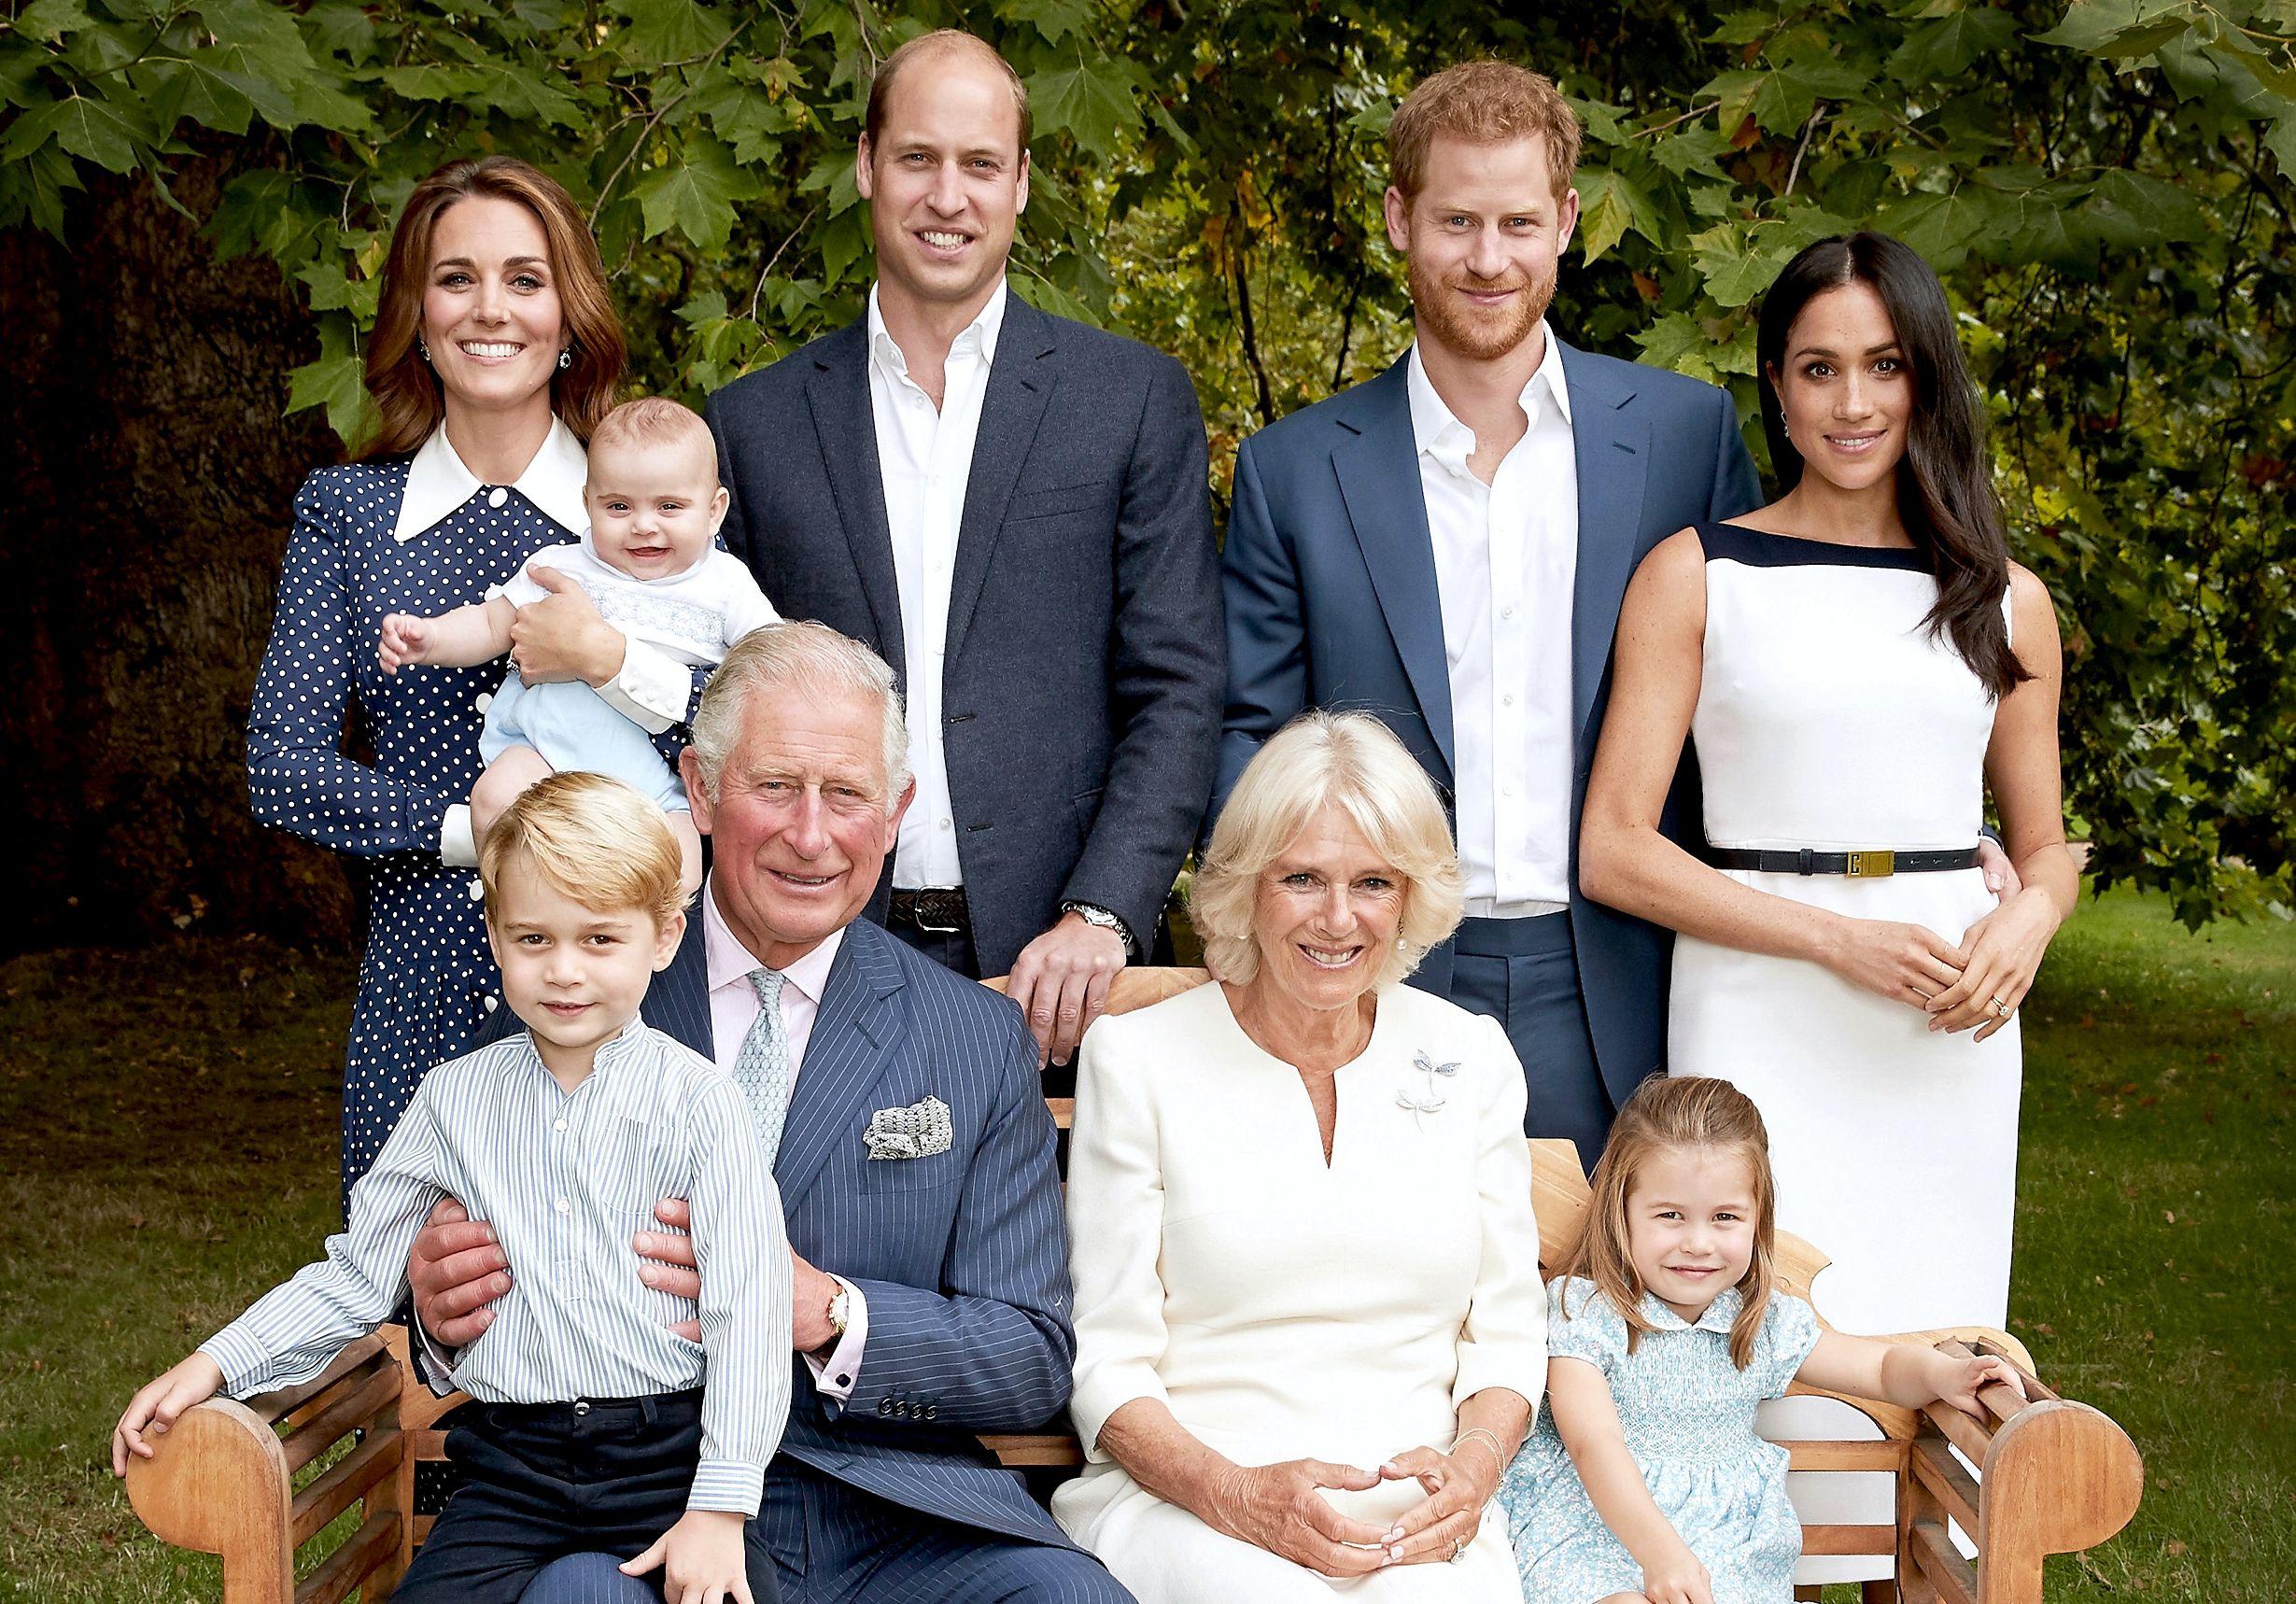 Prințul George a împlinit 6 ani! Imagini adorabile cu fiul cel mare al lui Kate Middleton și Prințul William